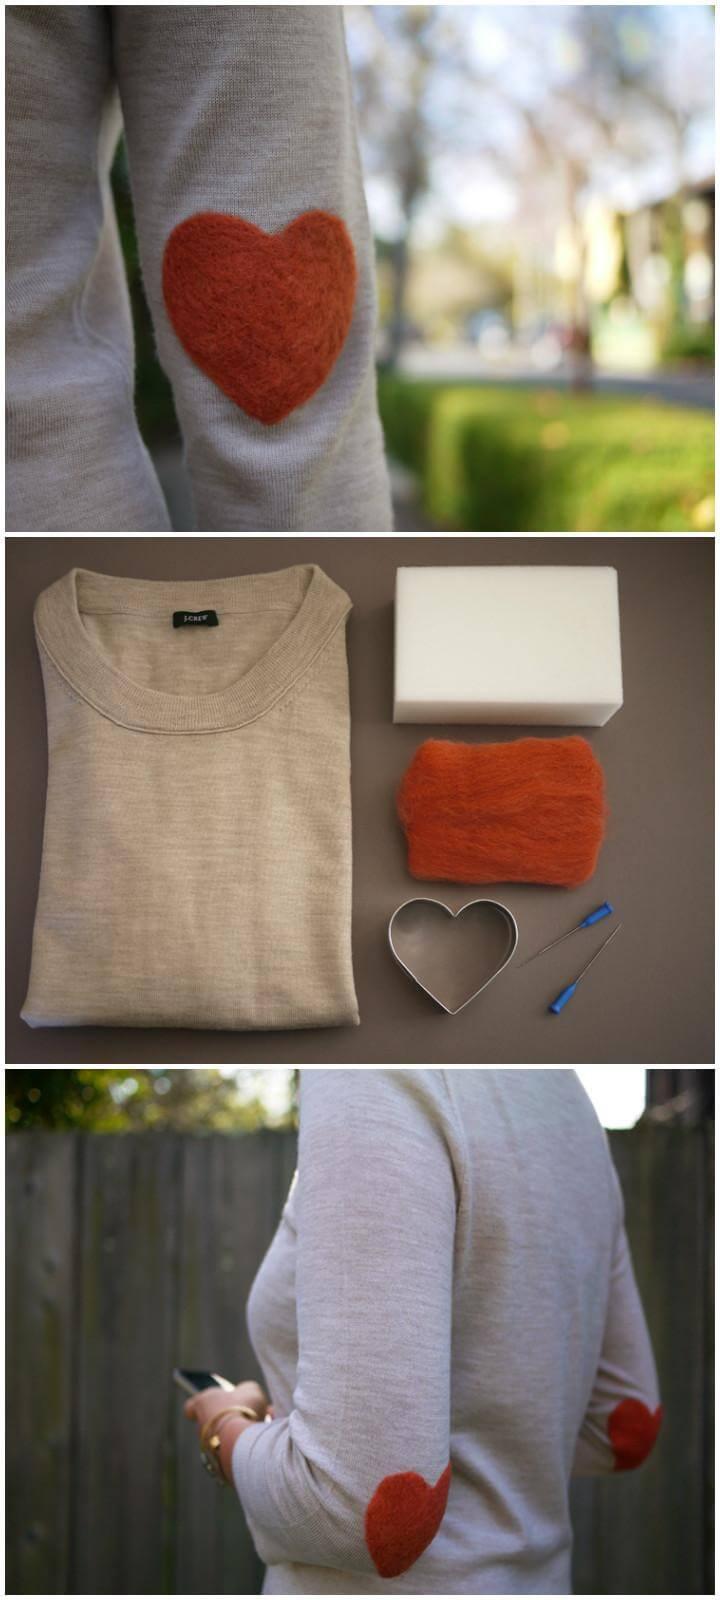 DIY T-Shirt Elbow Heart Patch